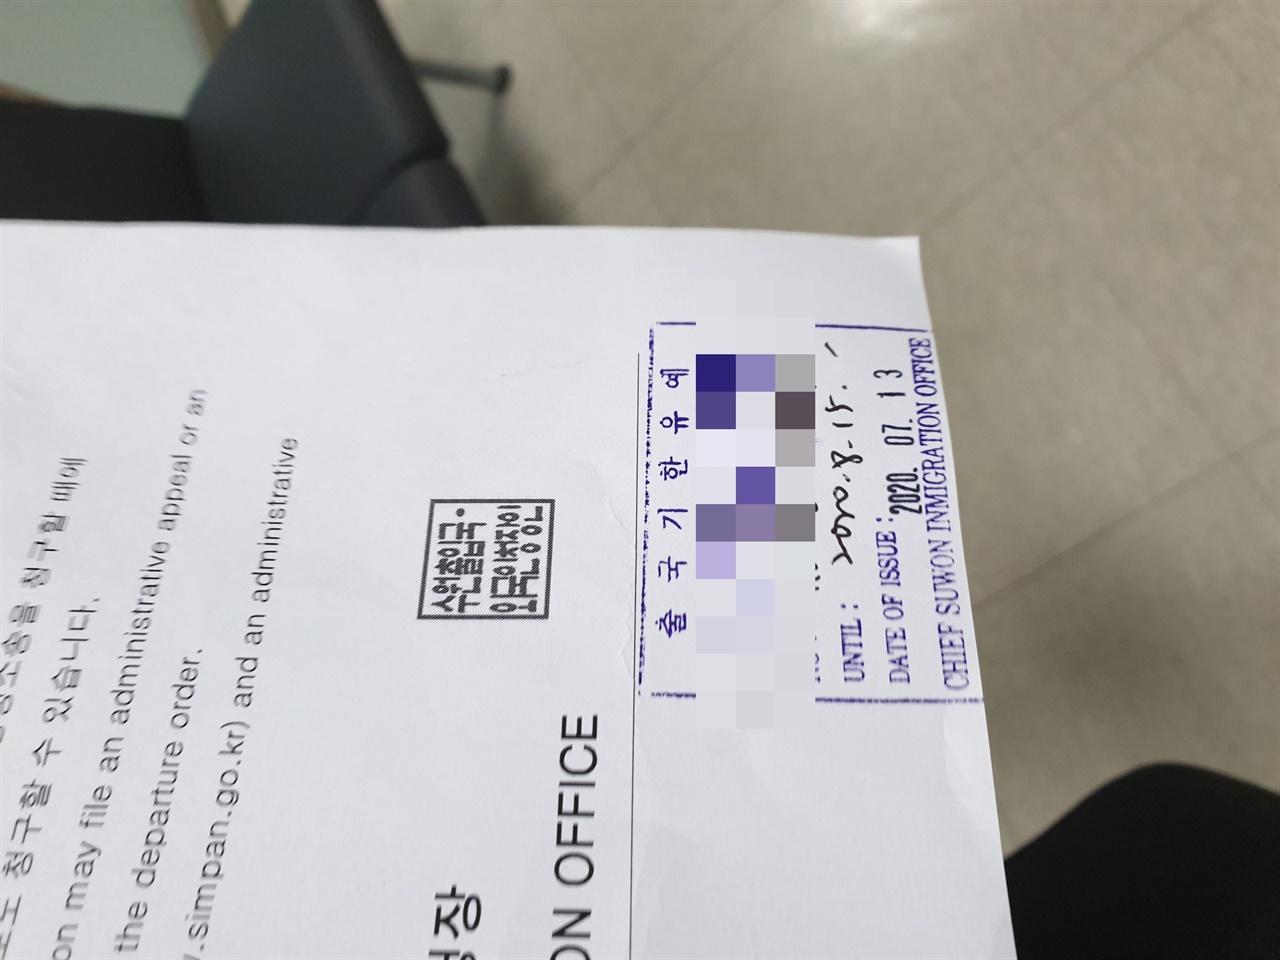 출국유예기한 확인서 9월까지 출국 항공편이 없는 베트남 이주노동자에게 8월 15일까지 출국하라고 명령하고 있다.